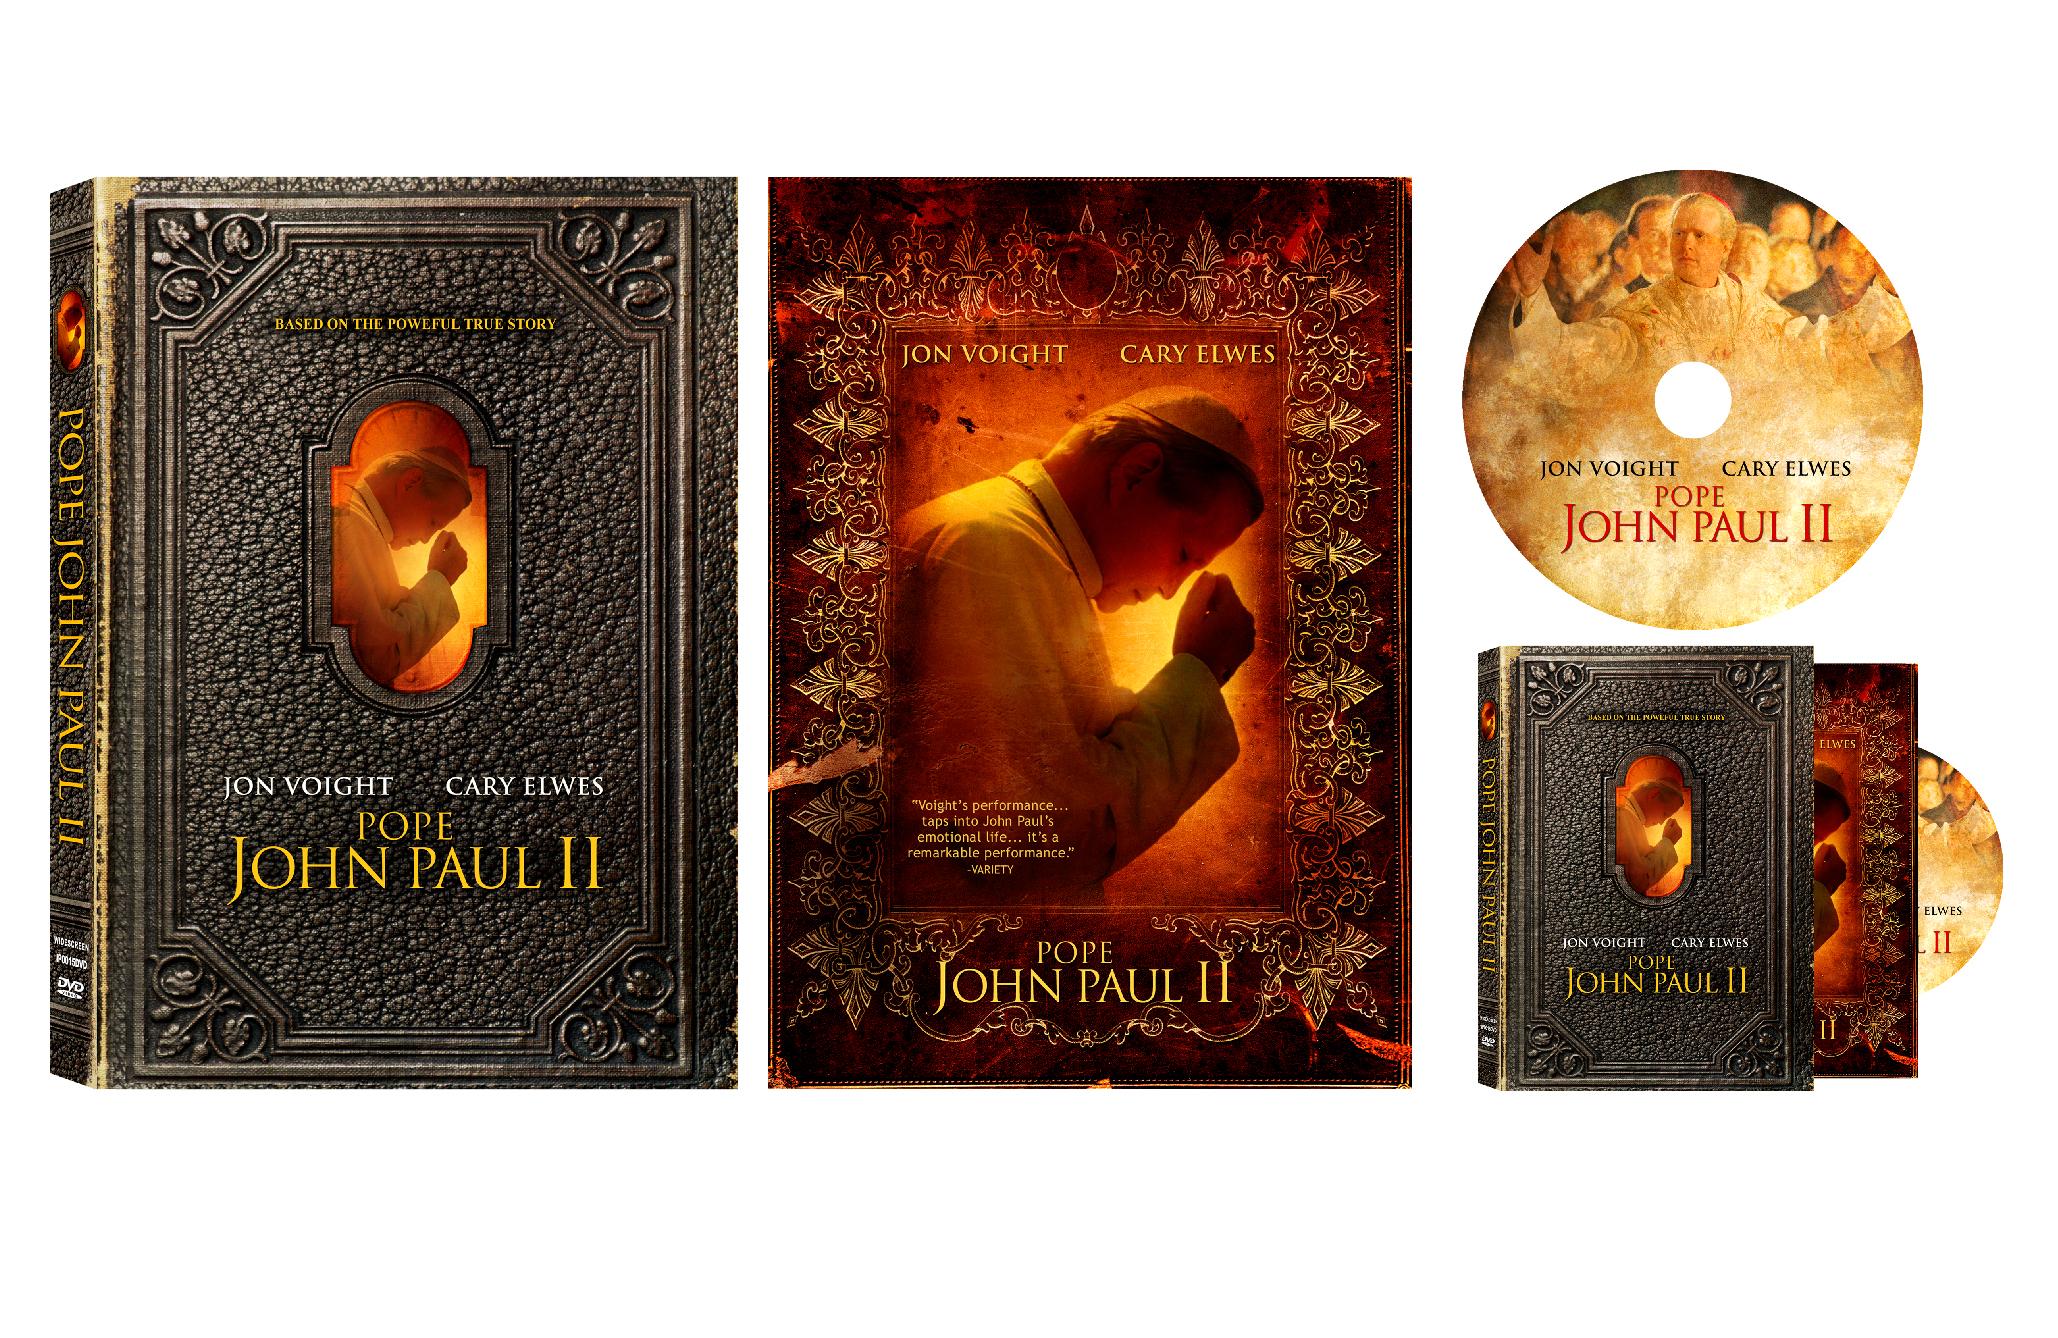 Pope John Paul II Special Packaging